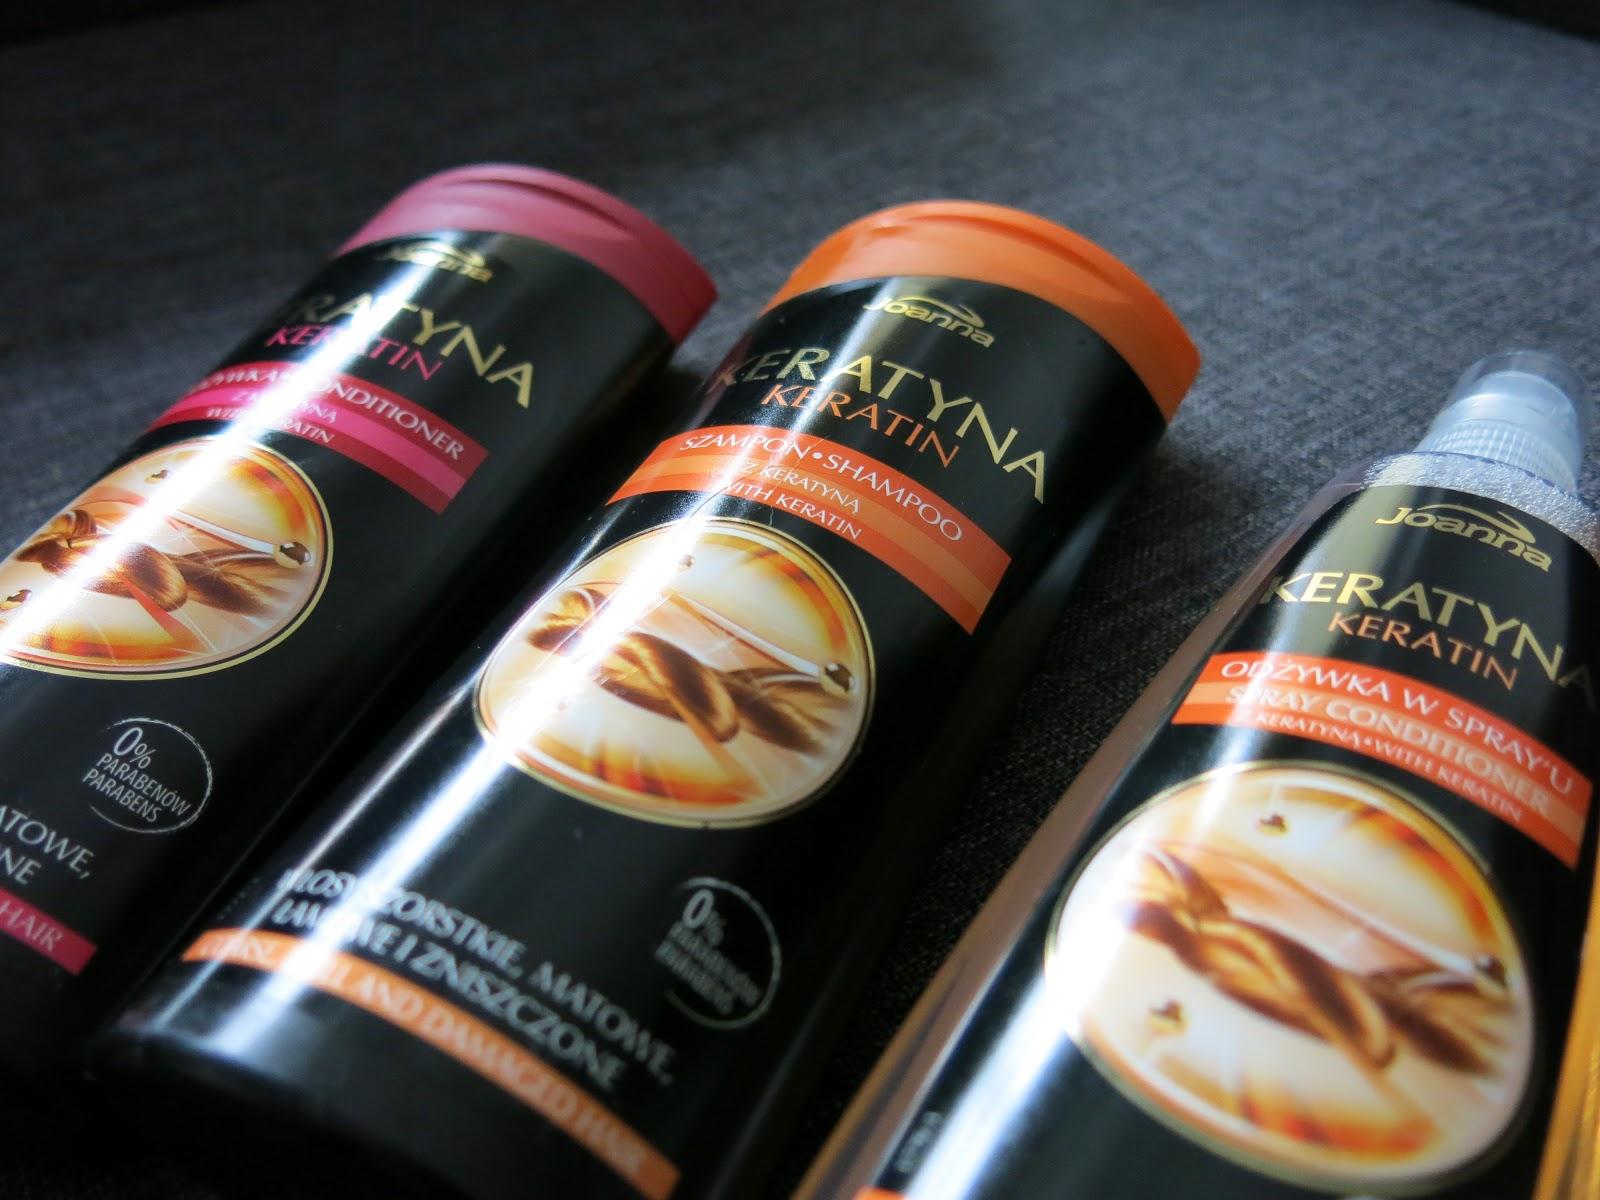 Laboratorium Kosmetyczne Joanna - kosmetyki do włosów: Keratyna.